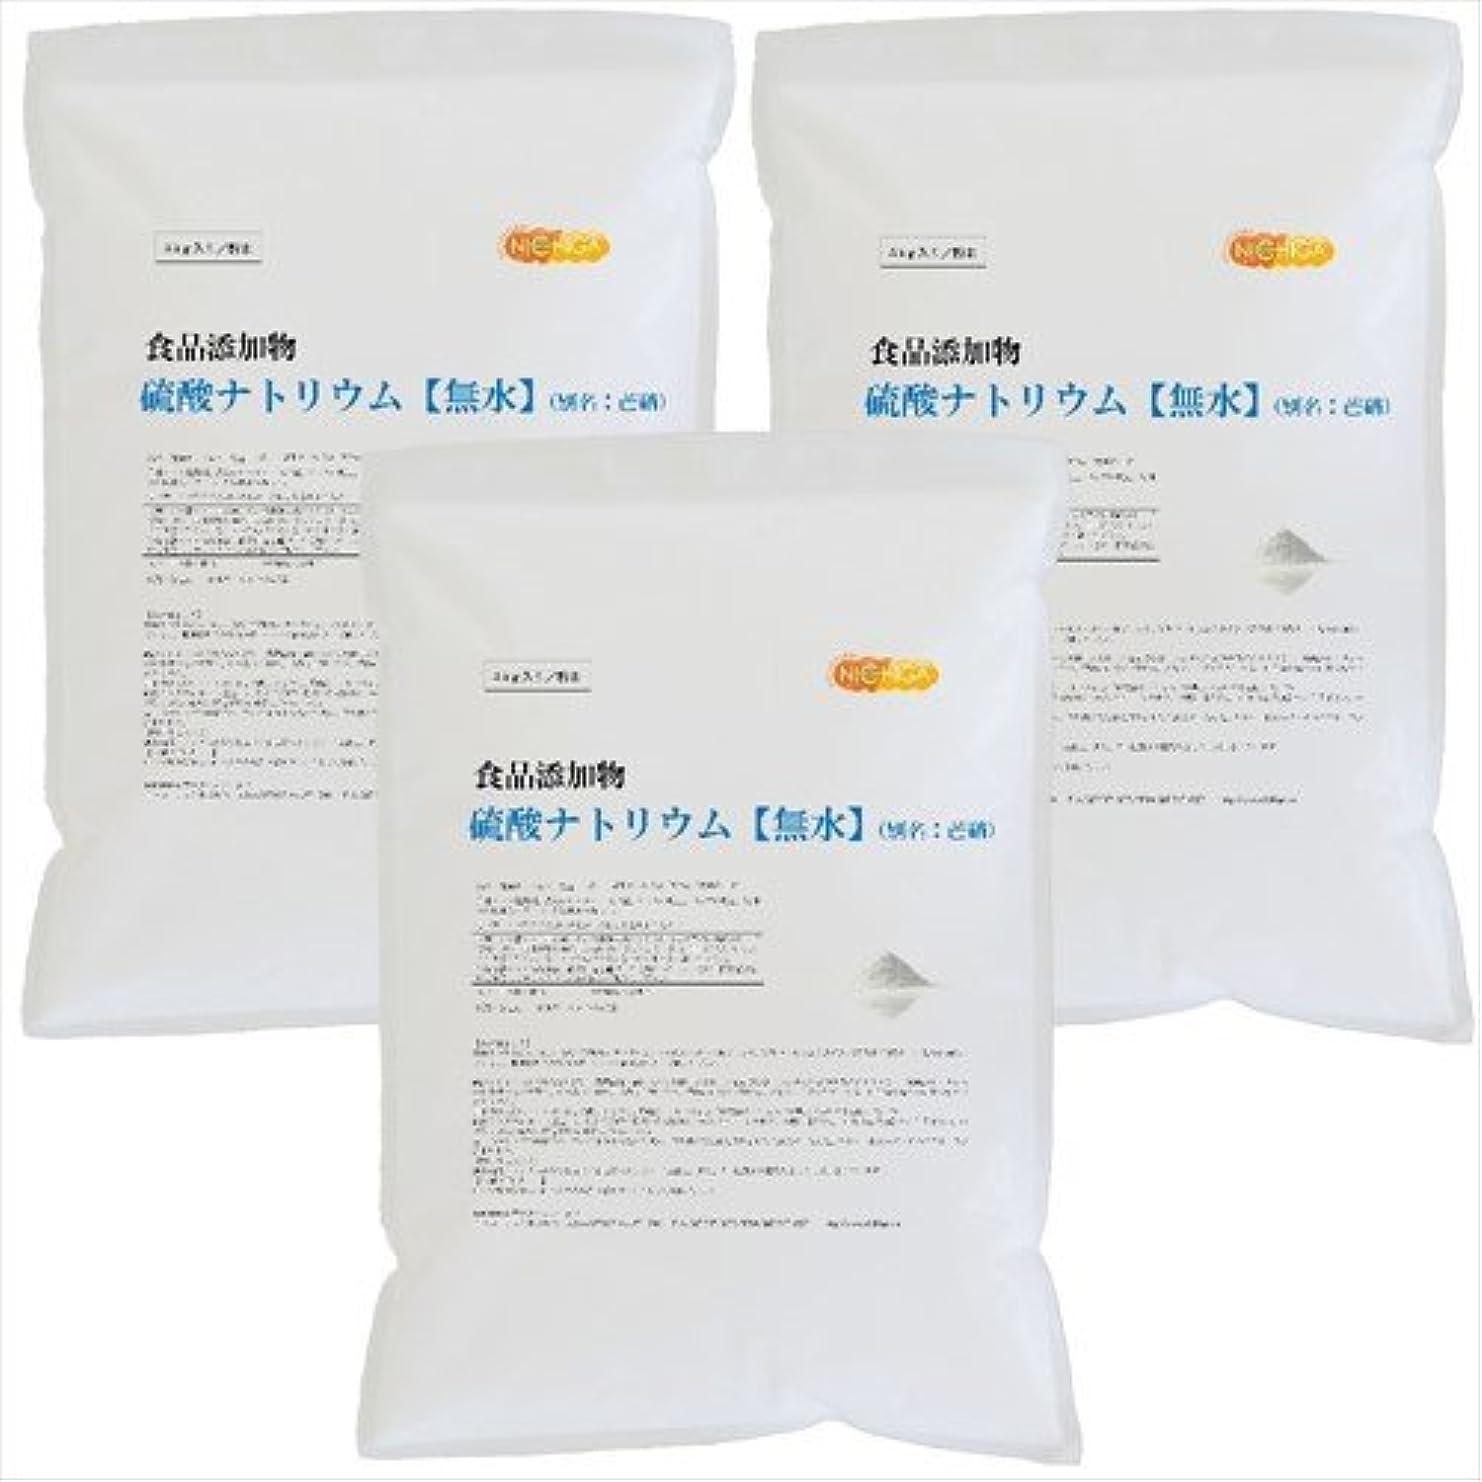 自分航空機一人で国産 硫酸ナトリウム 5kg×3袋【無水】芒硝 グラウバーソルト 食品添加物 [02] NICHIGA(ニチガ)